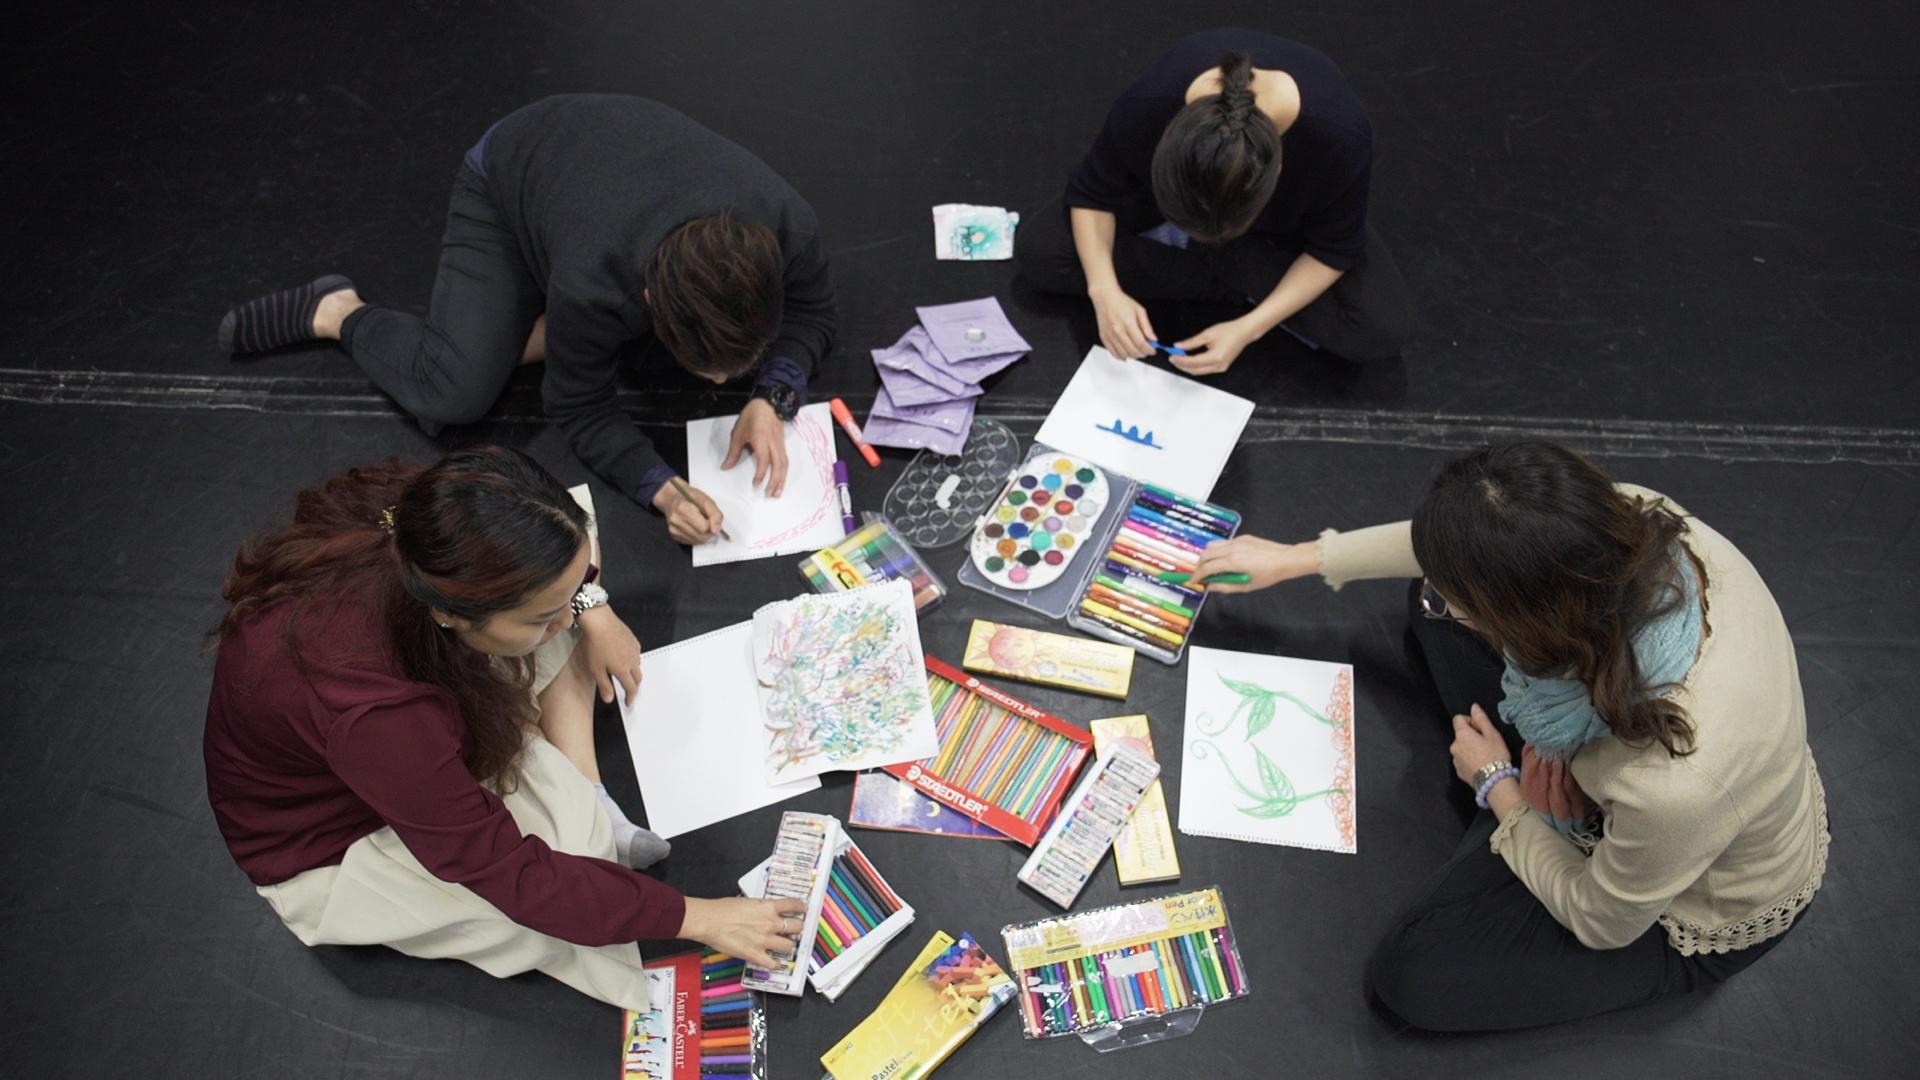 不懂畫畫就不能透過畫作反映情緒嗎?表達藝術治療師強調治療要求的技巧不高,人人都可參與。